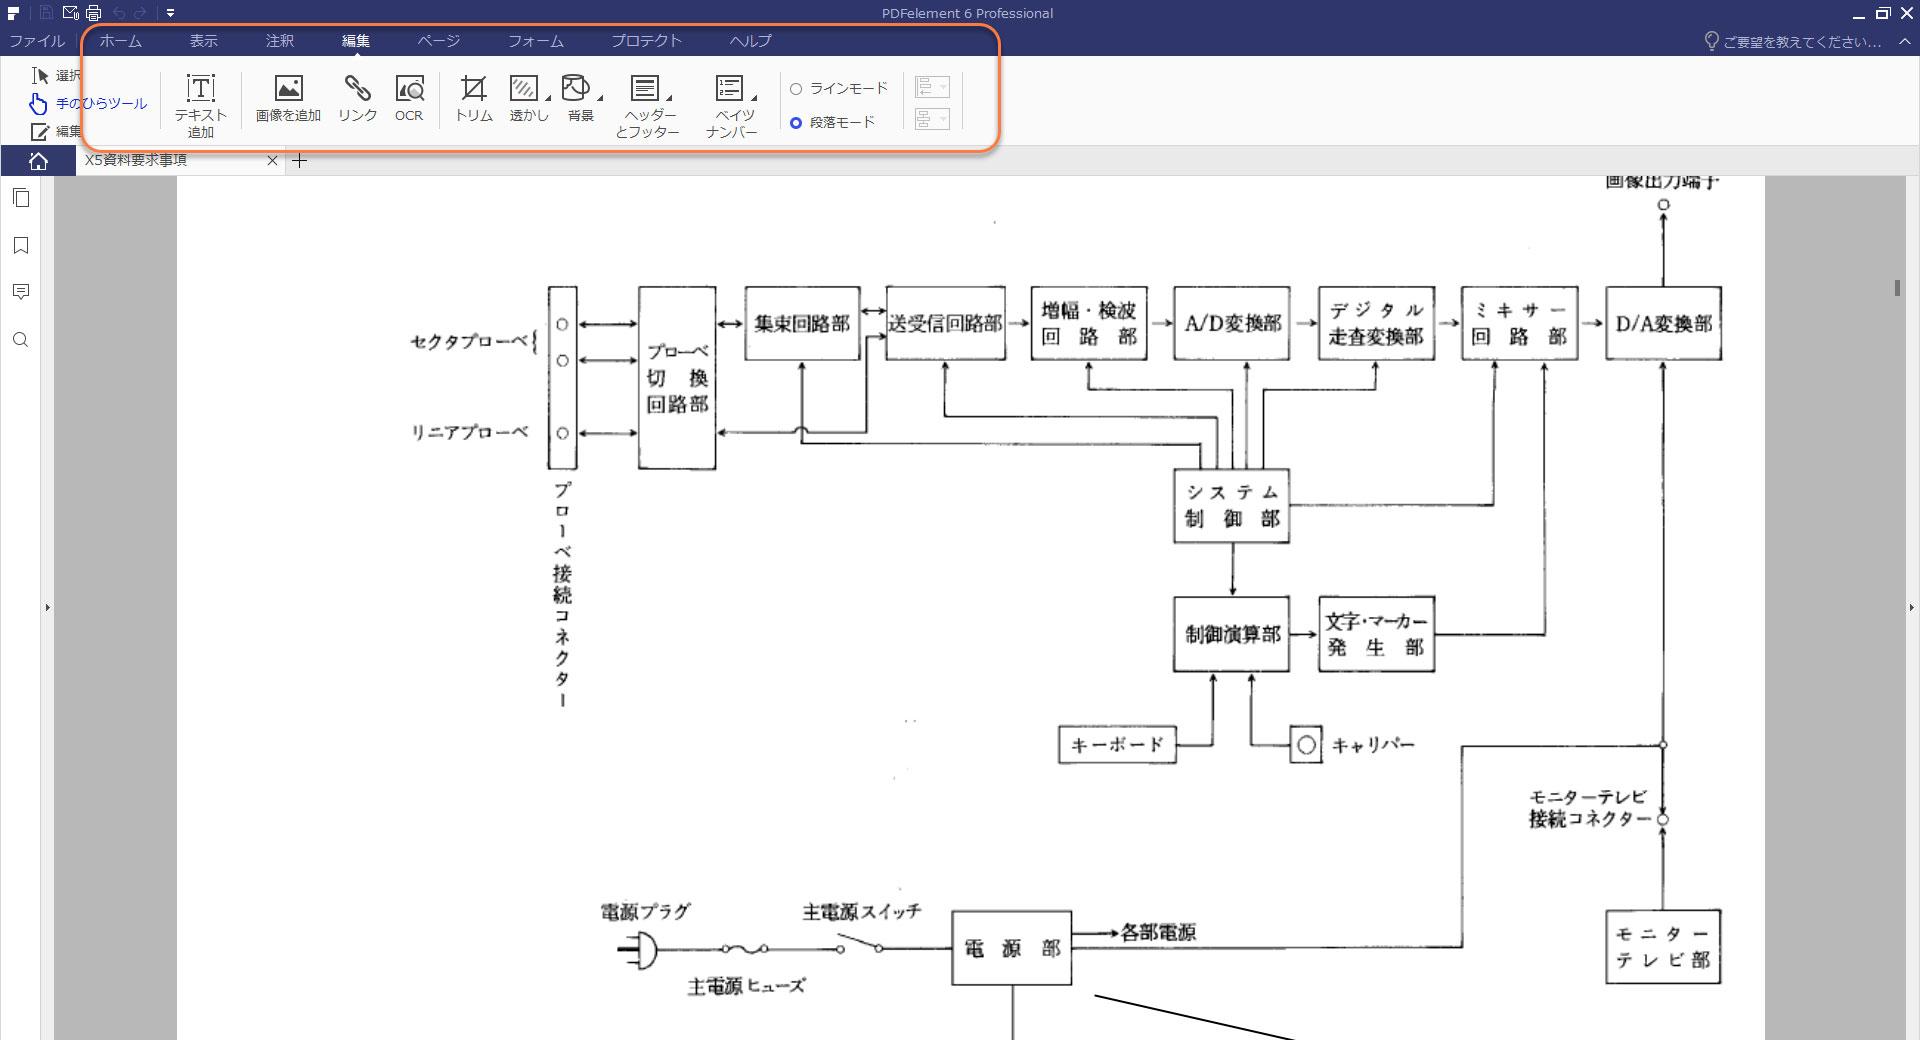 PDF-XChange ViewerとPDFelement 6 Proの比較